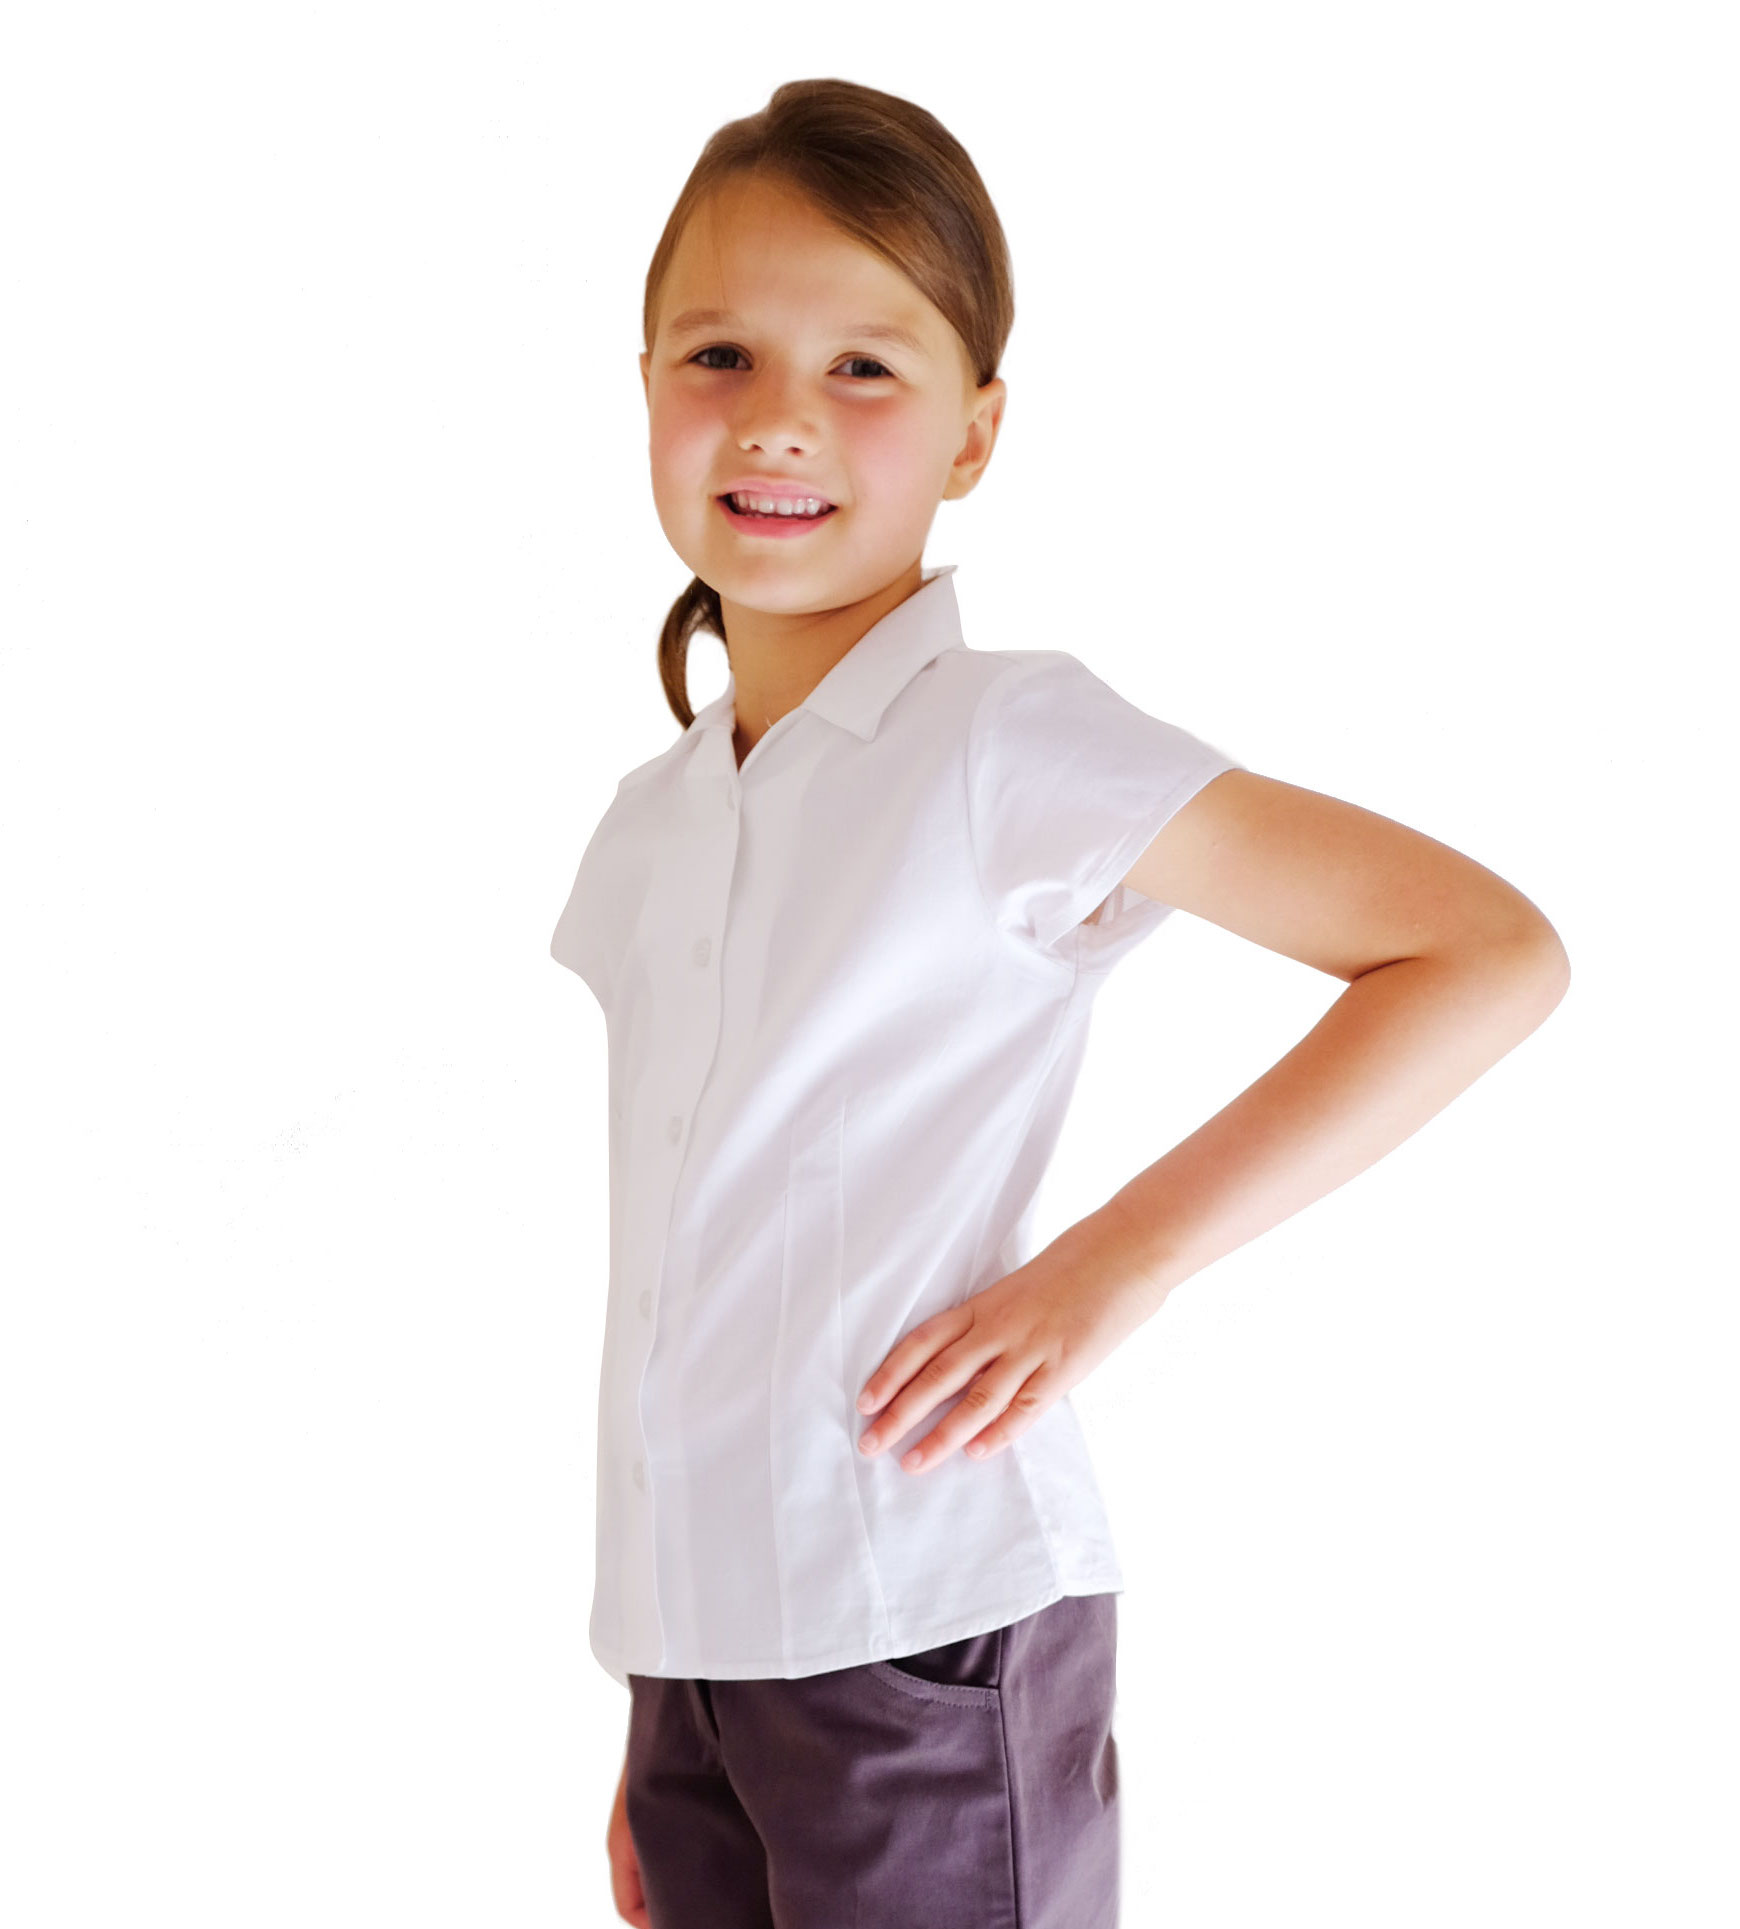 03a1ae2f82e74b Organic Cotton School Uniform | White Revere Collar Blouse ...